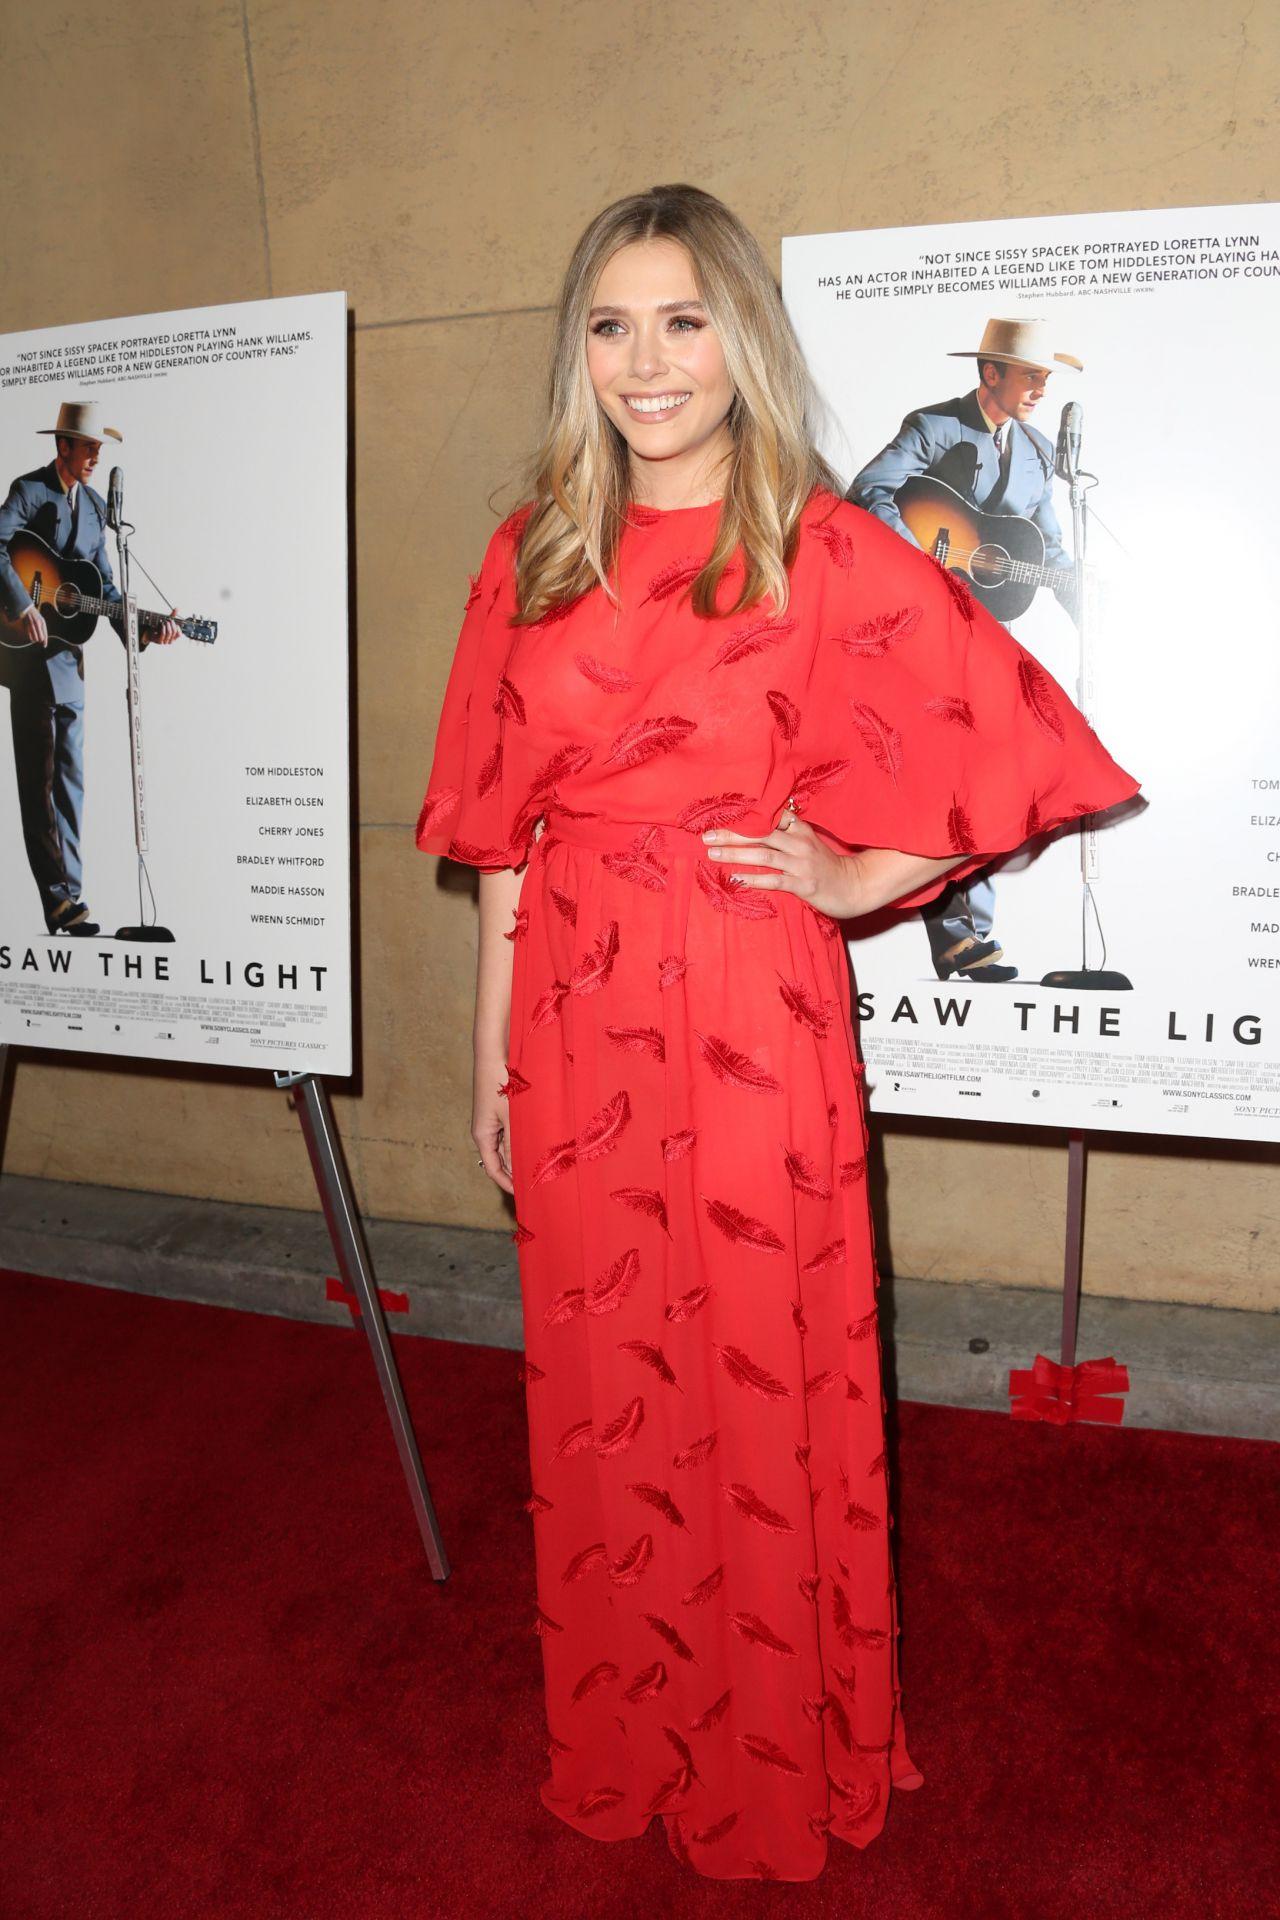 elizabeth-olsen-i-saw-the-light-premiere-in-hollywood-10